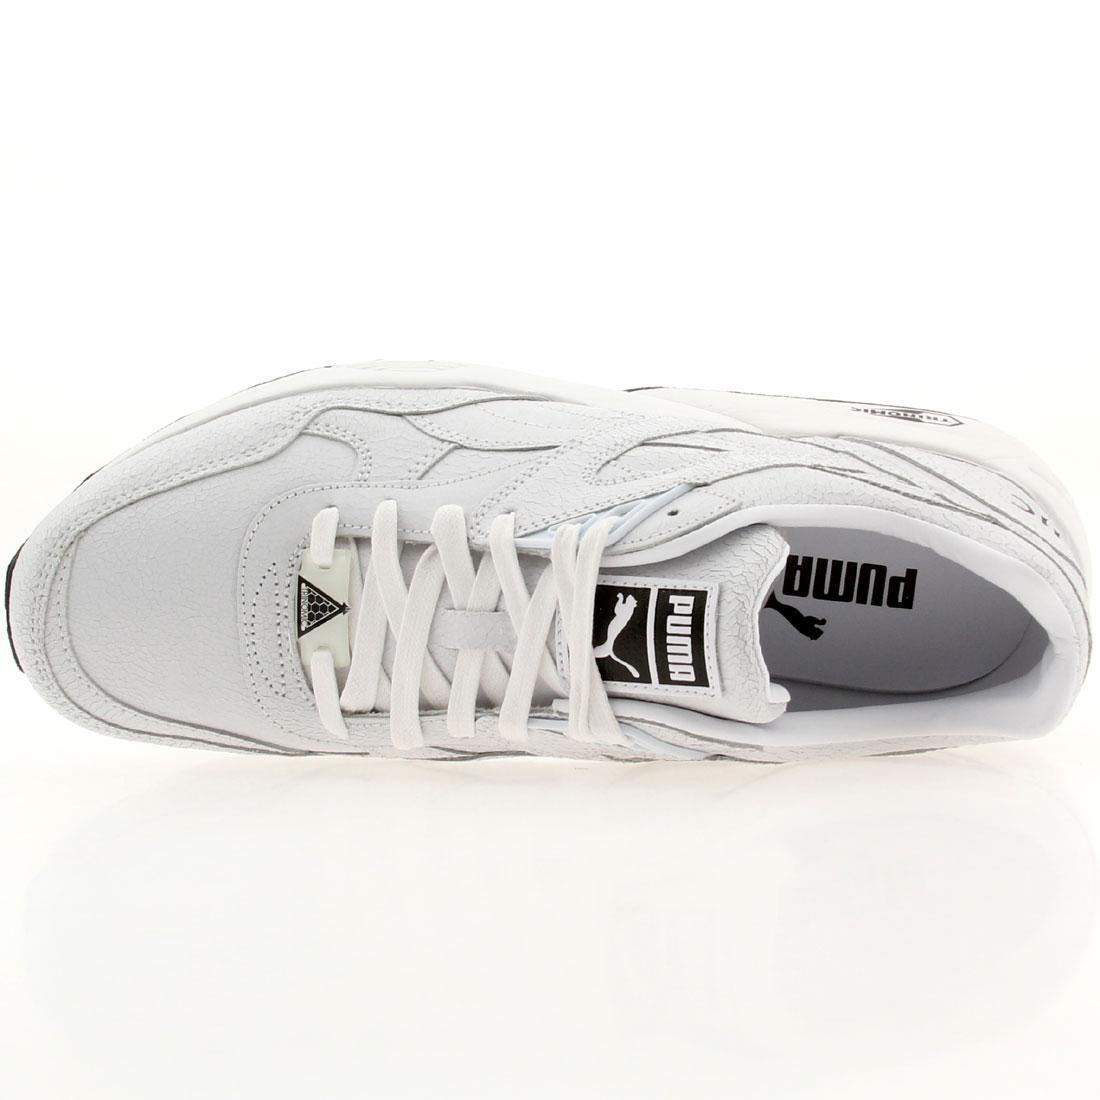 72a2407e342 ... 357740-03  puma r698 trinomic crackle pack  Puma Men R698 Trinomic  Crackle (white) ...